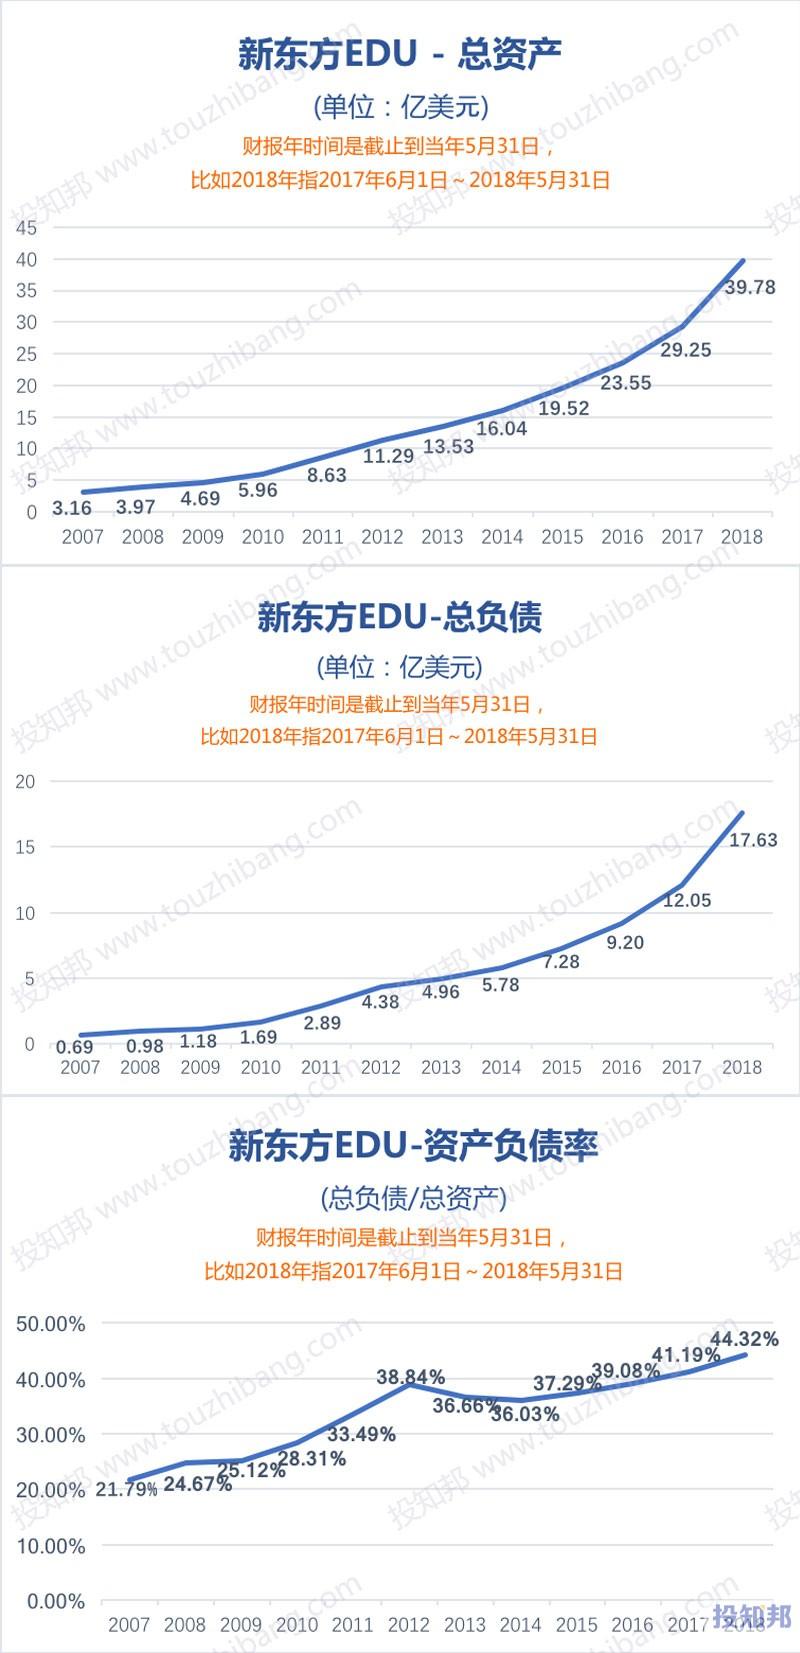 图解新东方(EDU)财报数据(2007年至今)